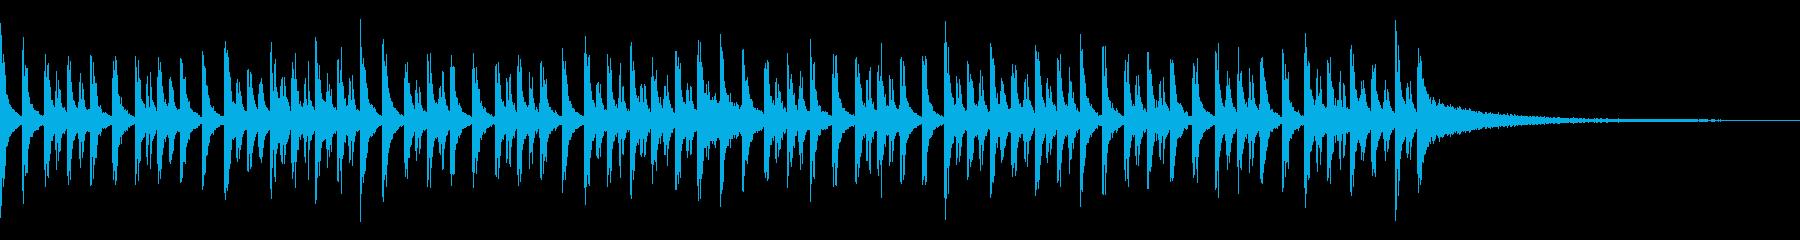 ブラスバンドスネアのジングルの再生済みの波形